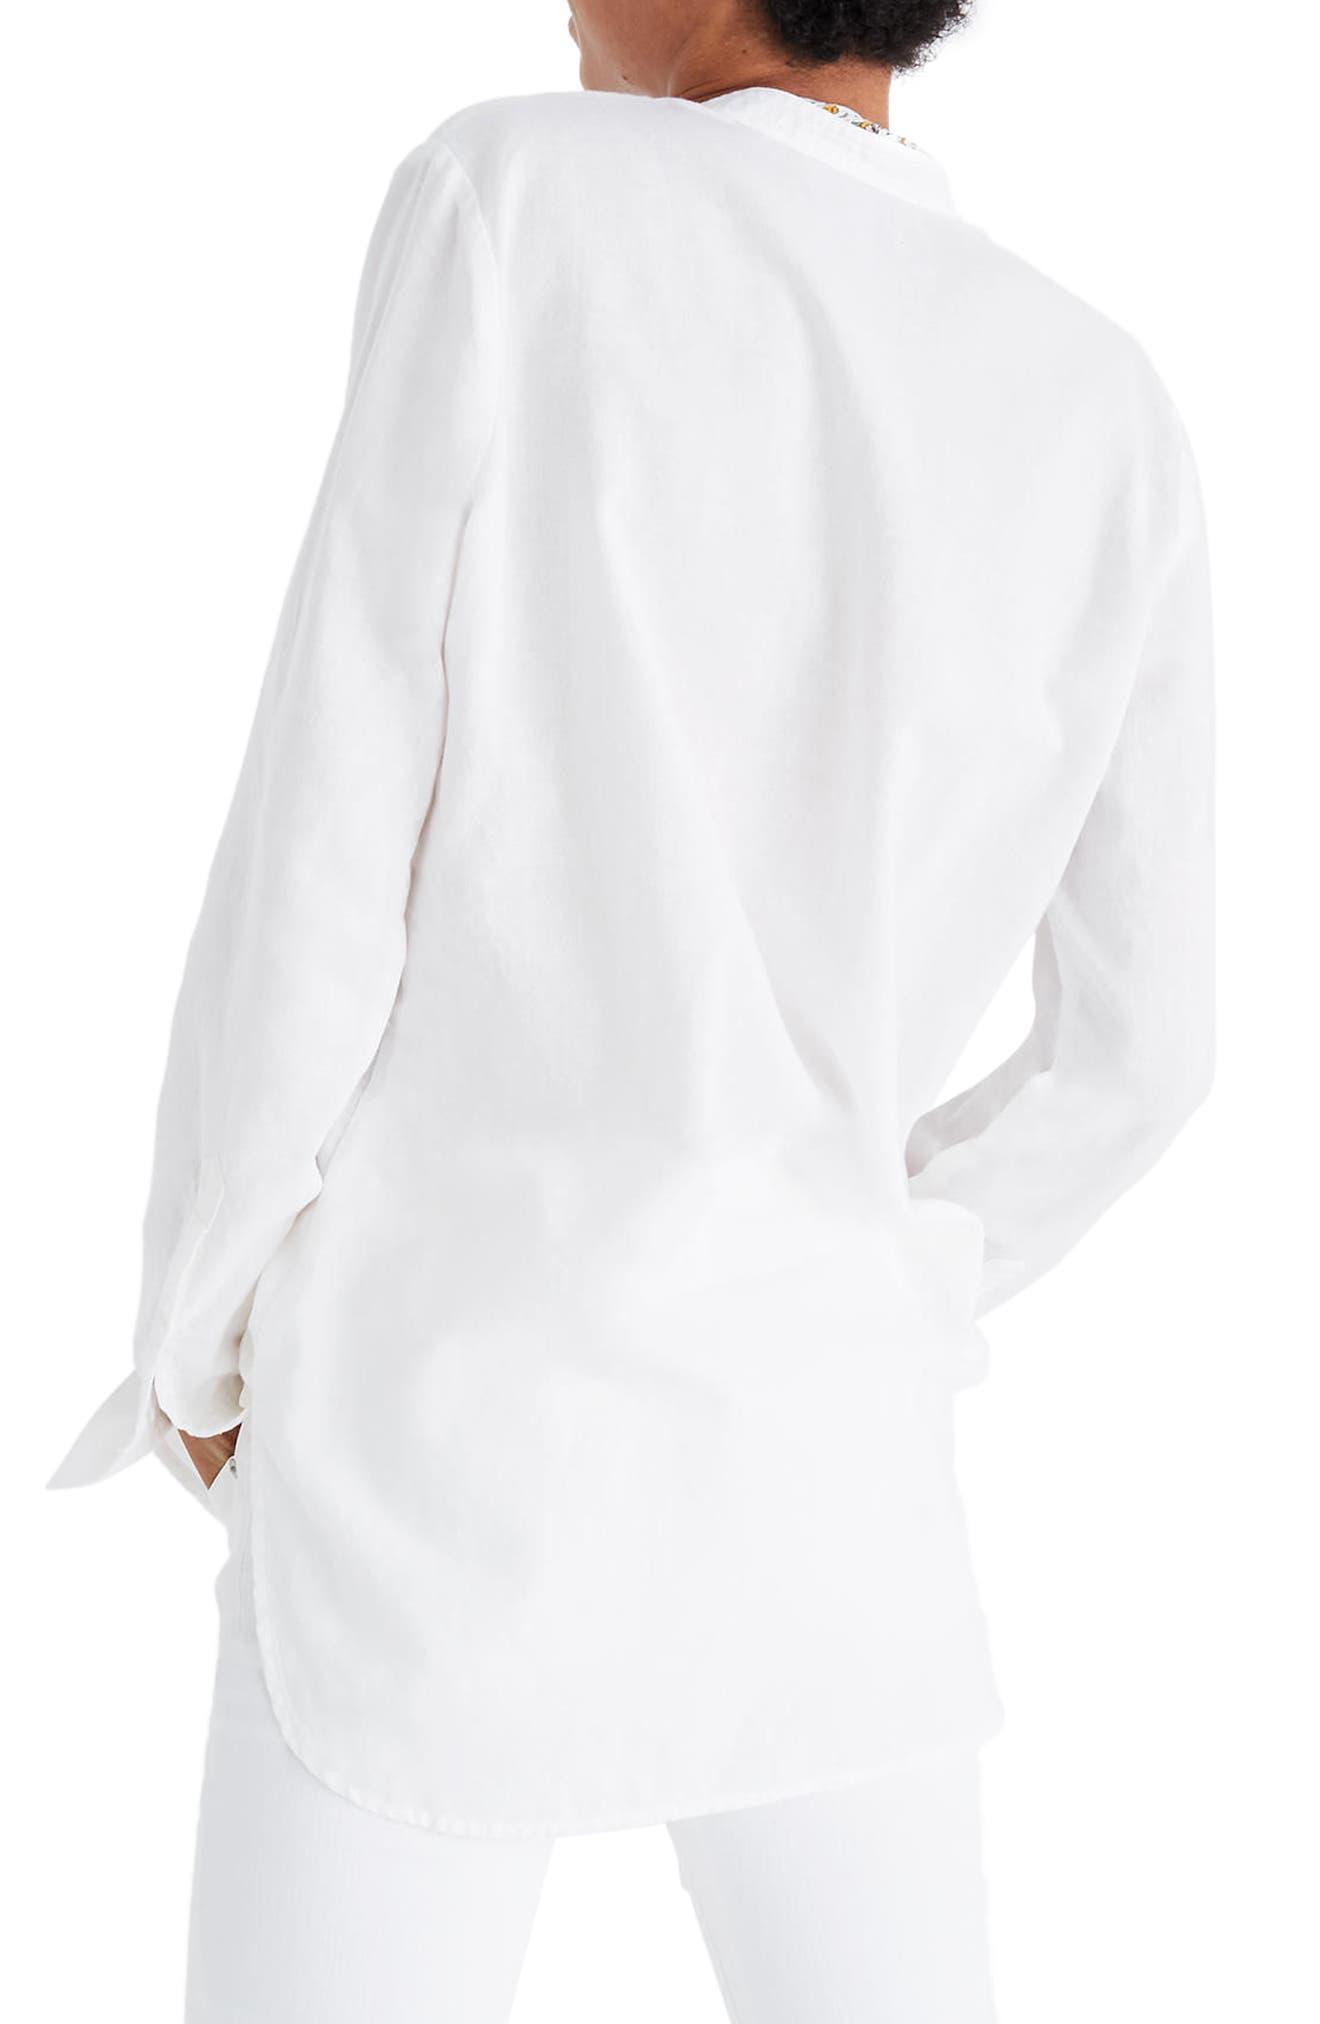 Wellspring Tunic Popover Shirt,                             Alternate thumbnail 2, color,                             Eyelet White